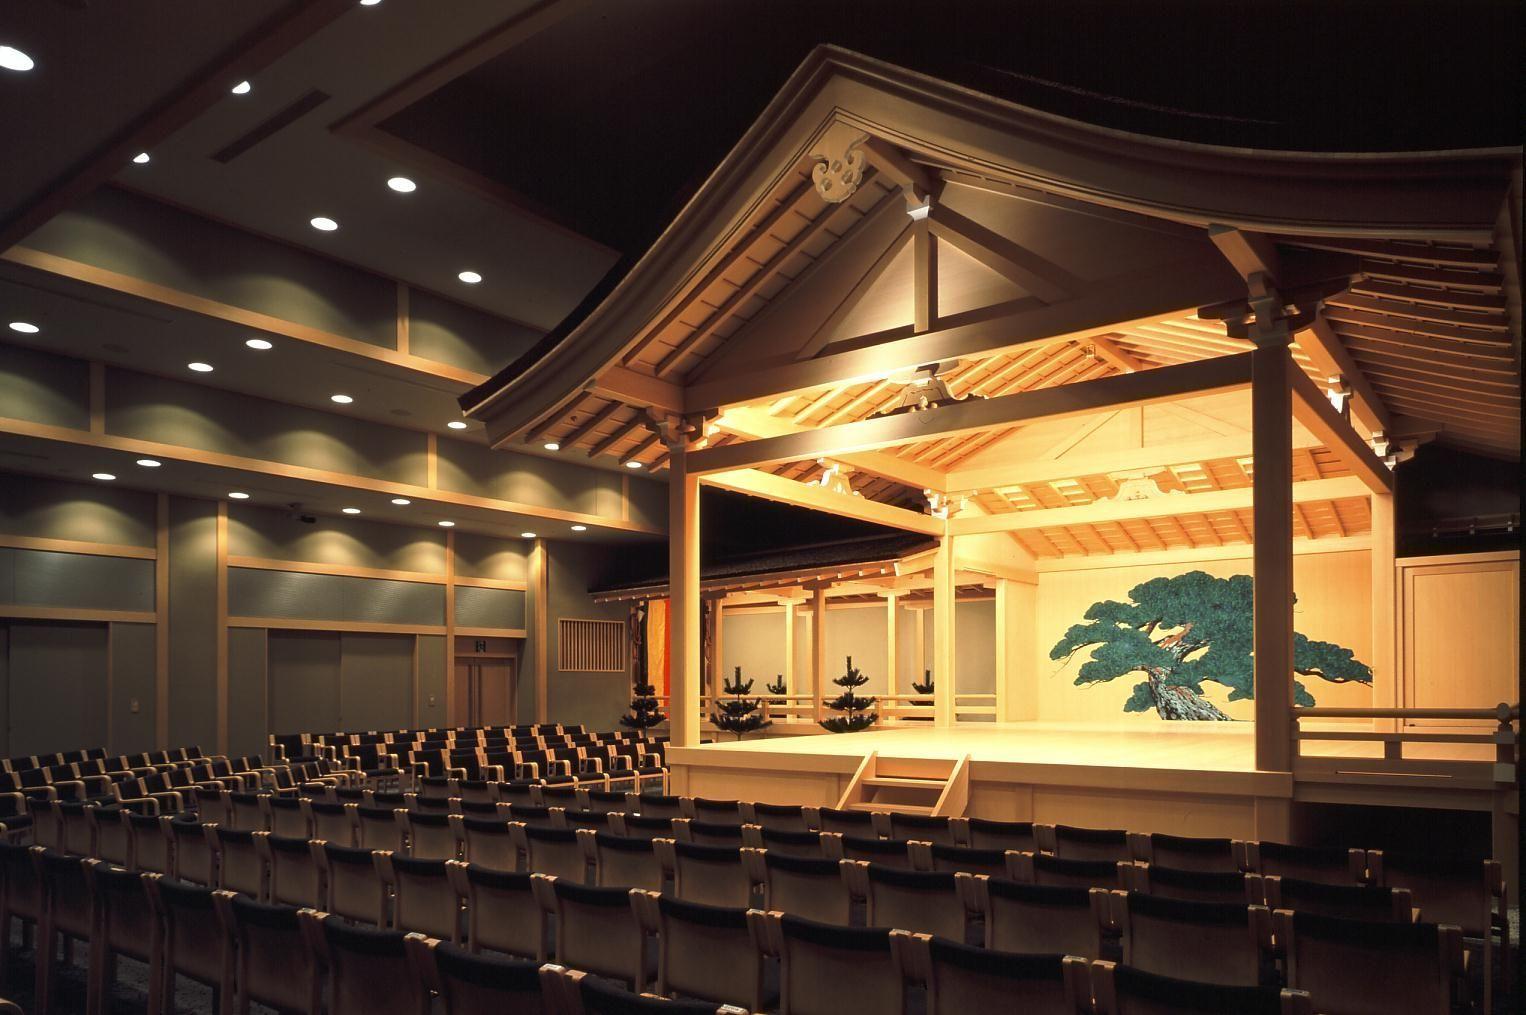 Noh Theatre Shibuya